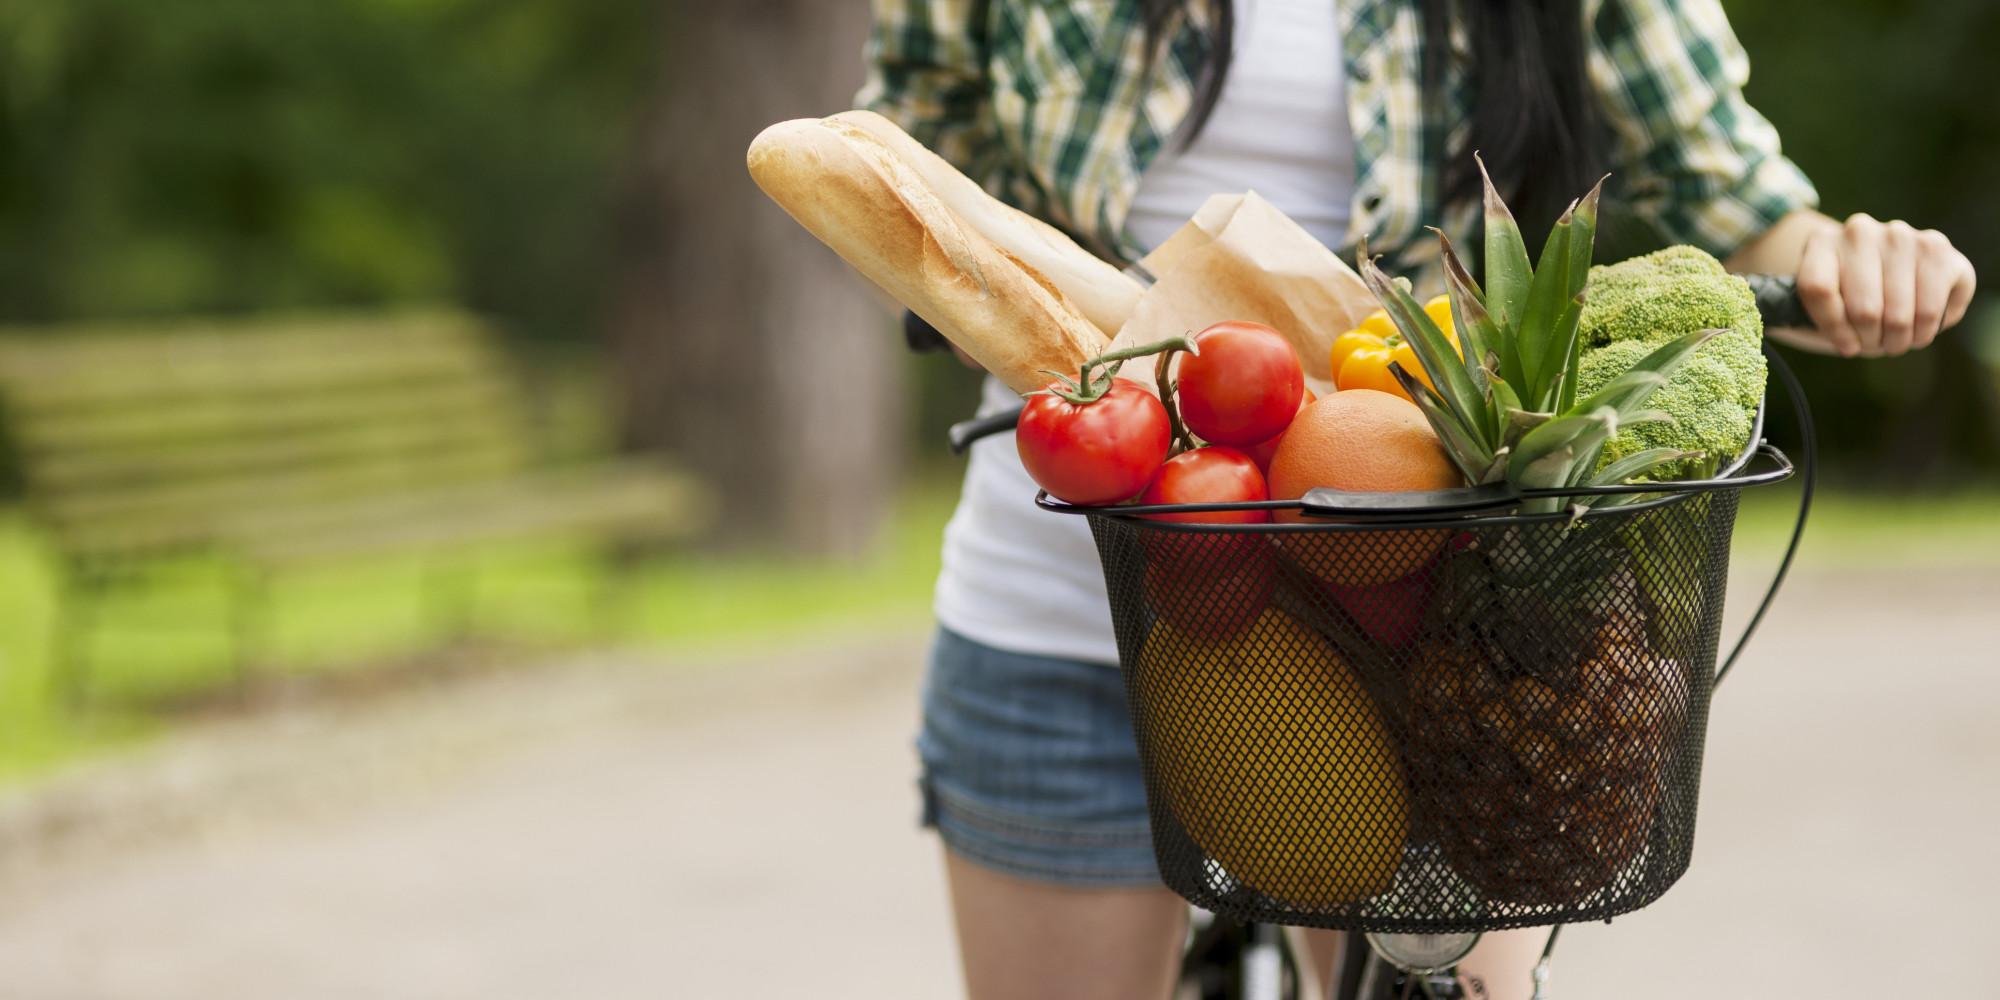 Не все овощи и фрукты могут быть полезными. Фото: huffingtonpost.co.uk